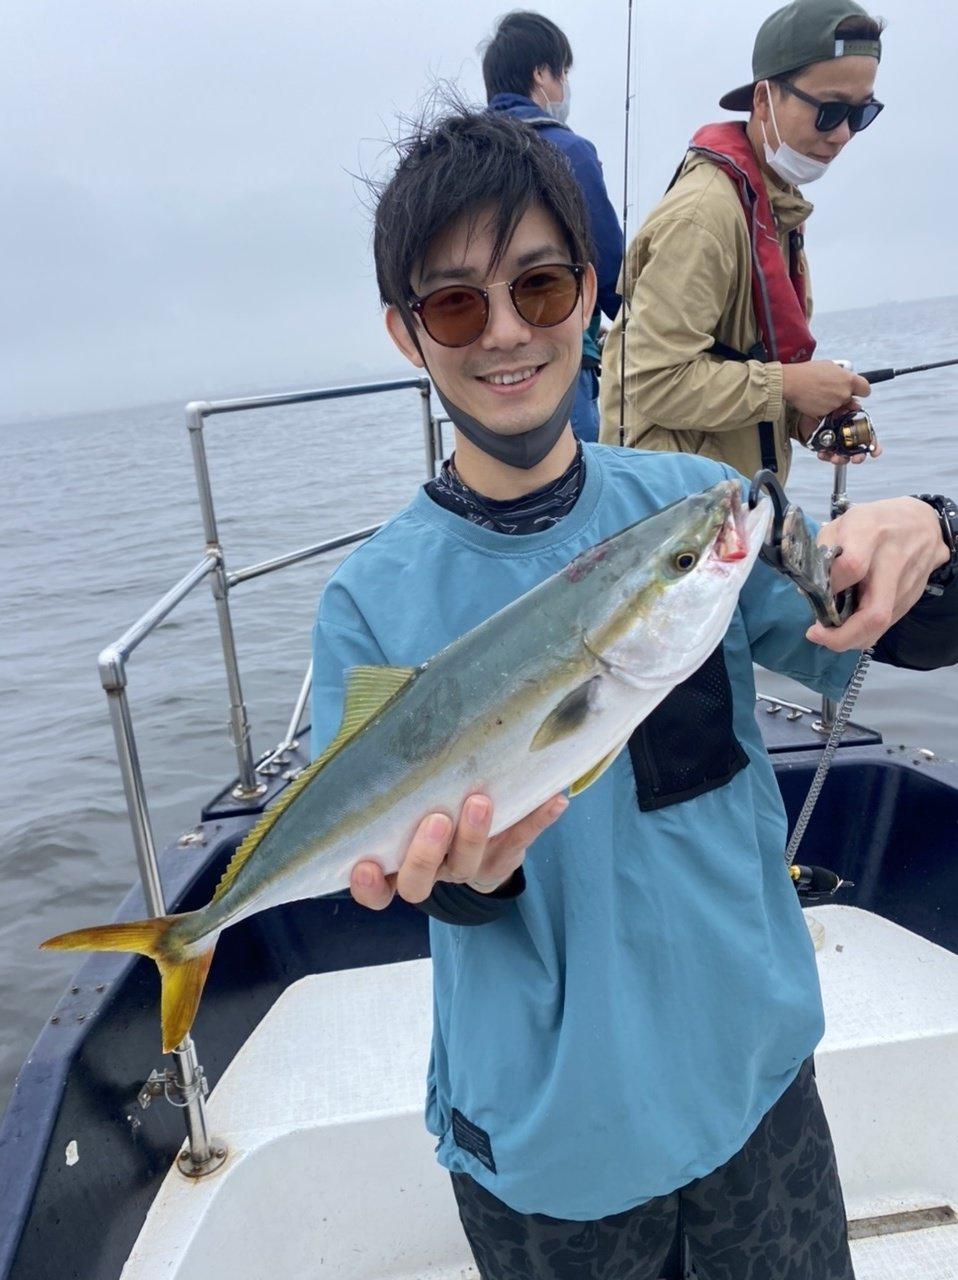 釣り初心者の方たちにイナダを釣って楽しんでいただきました!連発もありました!